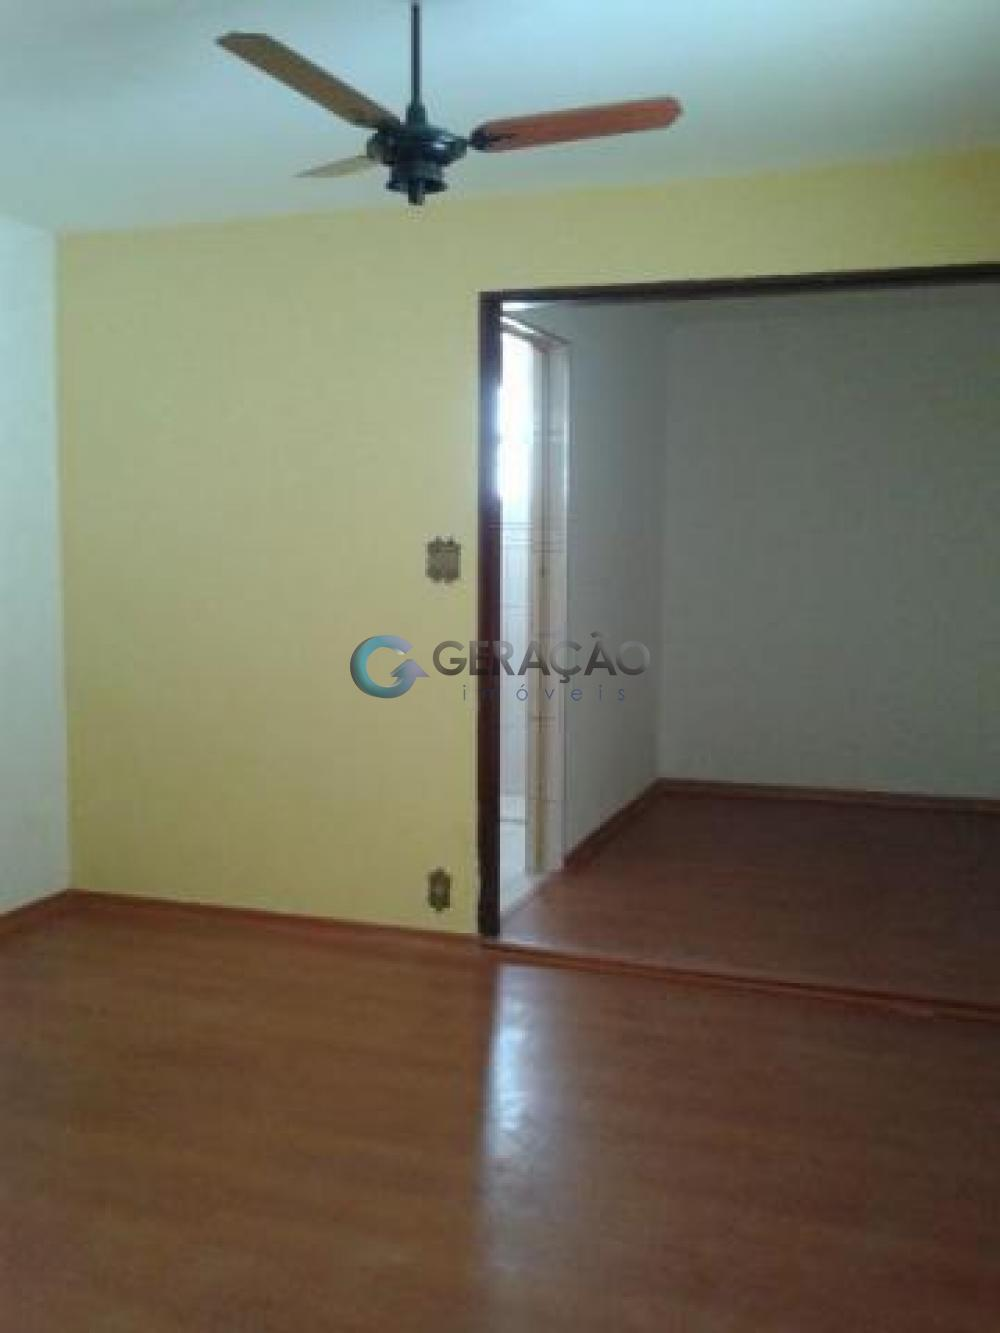 Comprar Casa / Padrão em São José dos Campos apenas R$ 450.000,00 - Foto 4